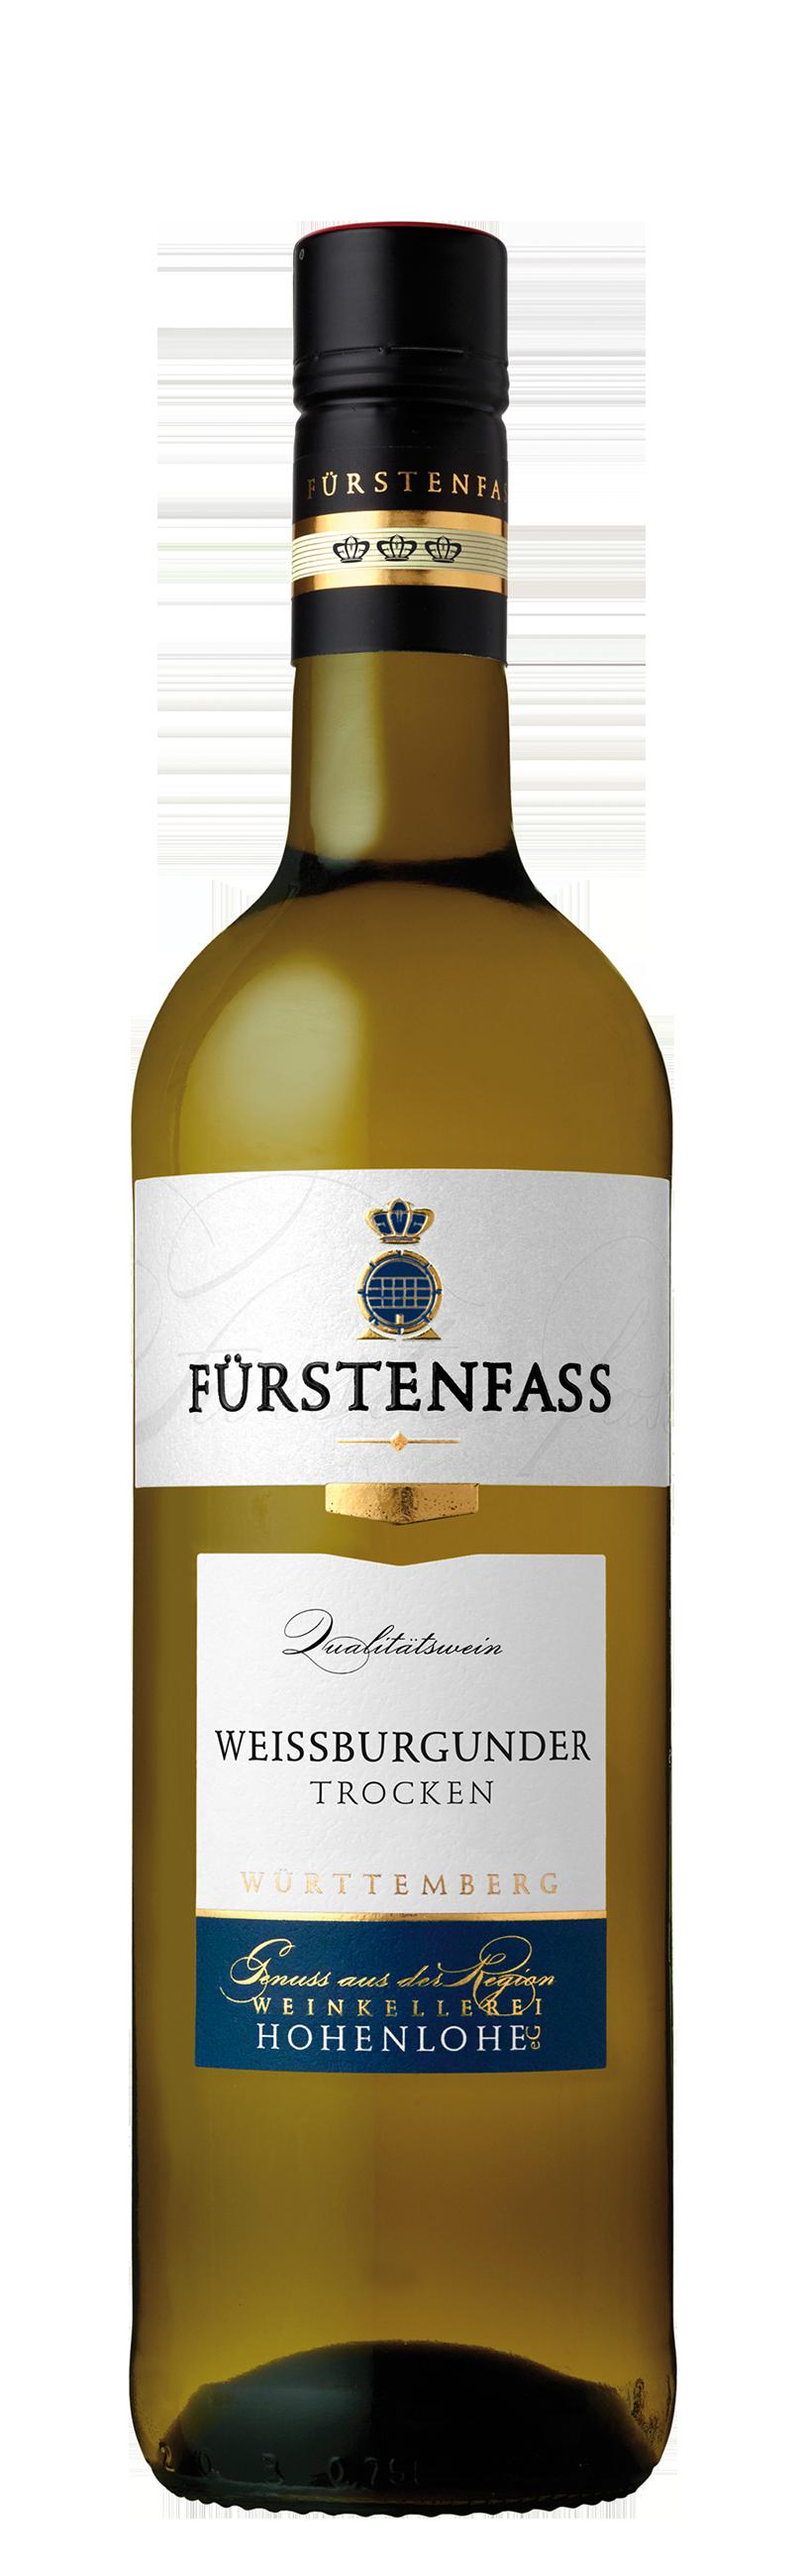 """Sieger in der Kategorie """"Traditionelle weiße Resorten trocken"""" beim Sonderwettbewerb """"Beste Württemberger"""": 2019 Weißburgunder trocken """"Fürstenfass"""""""